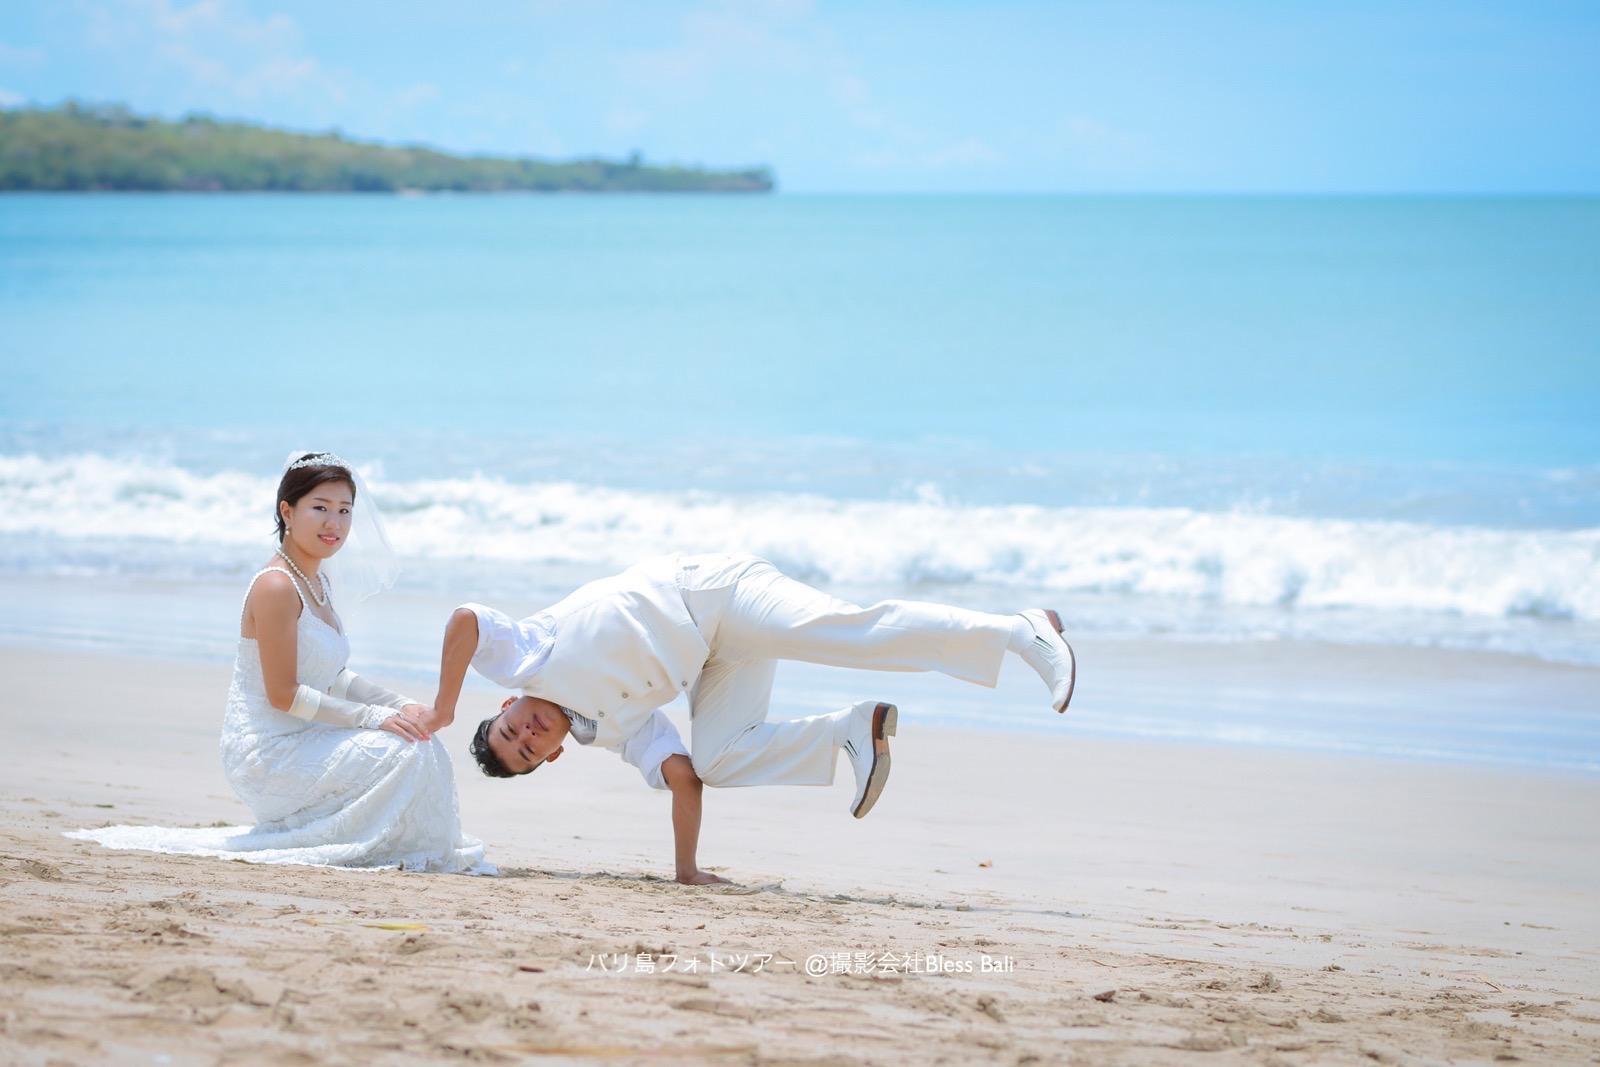 バリ島ブレイクダンスを取り入れたフォトツアー